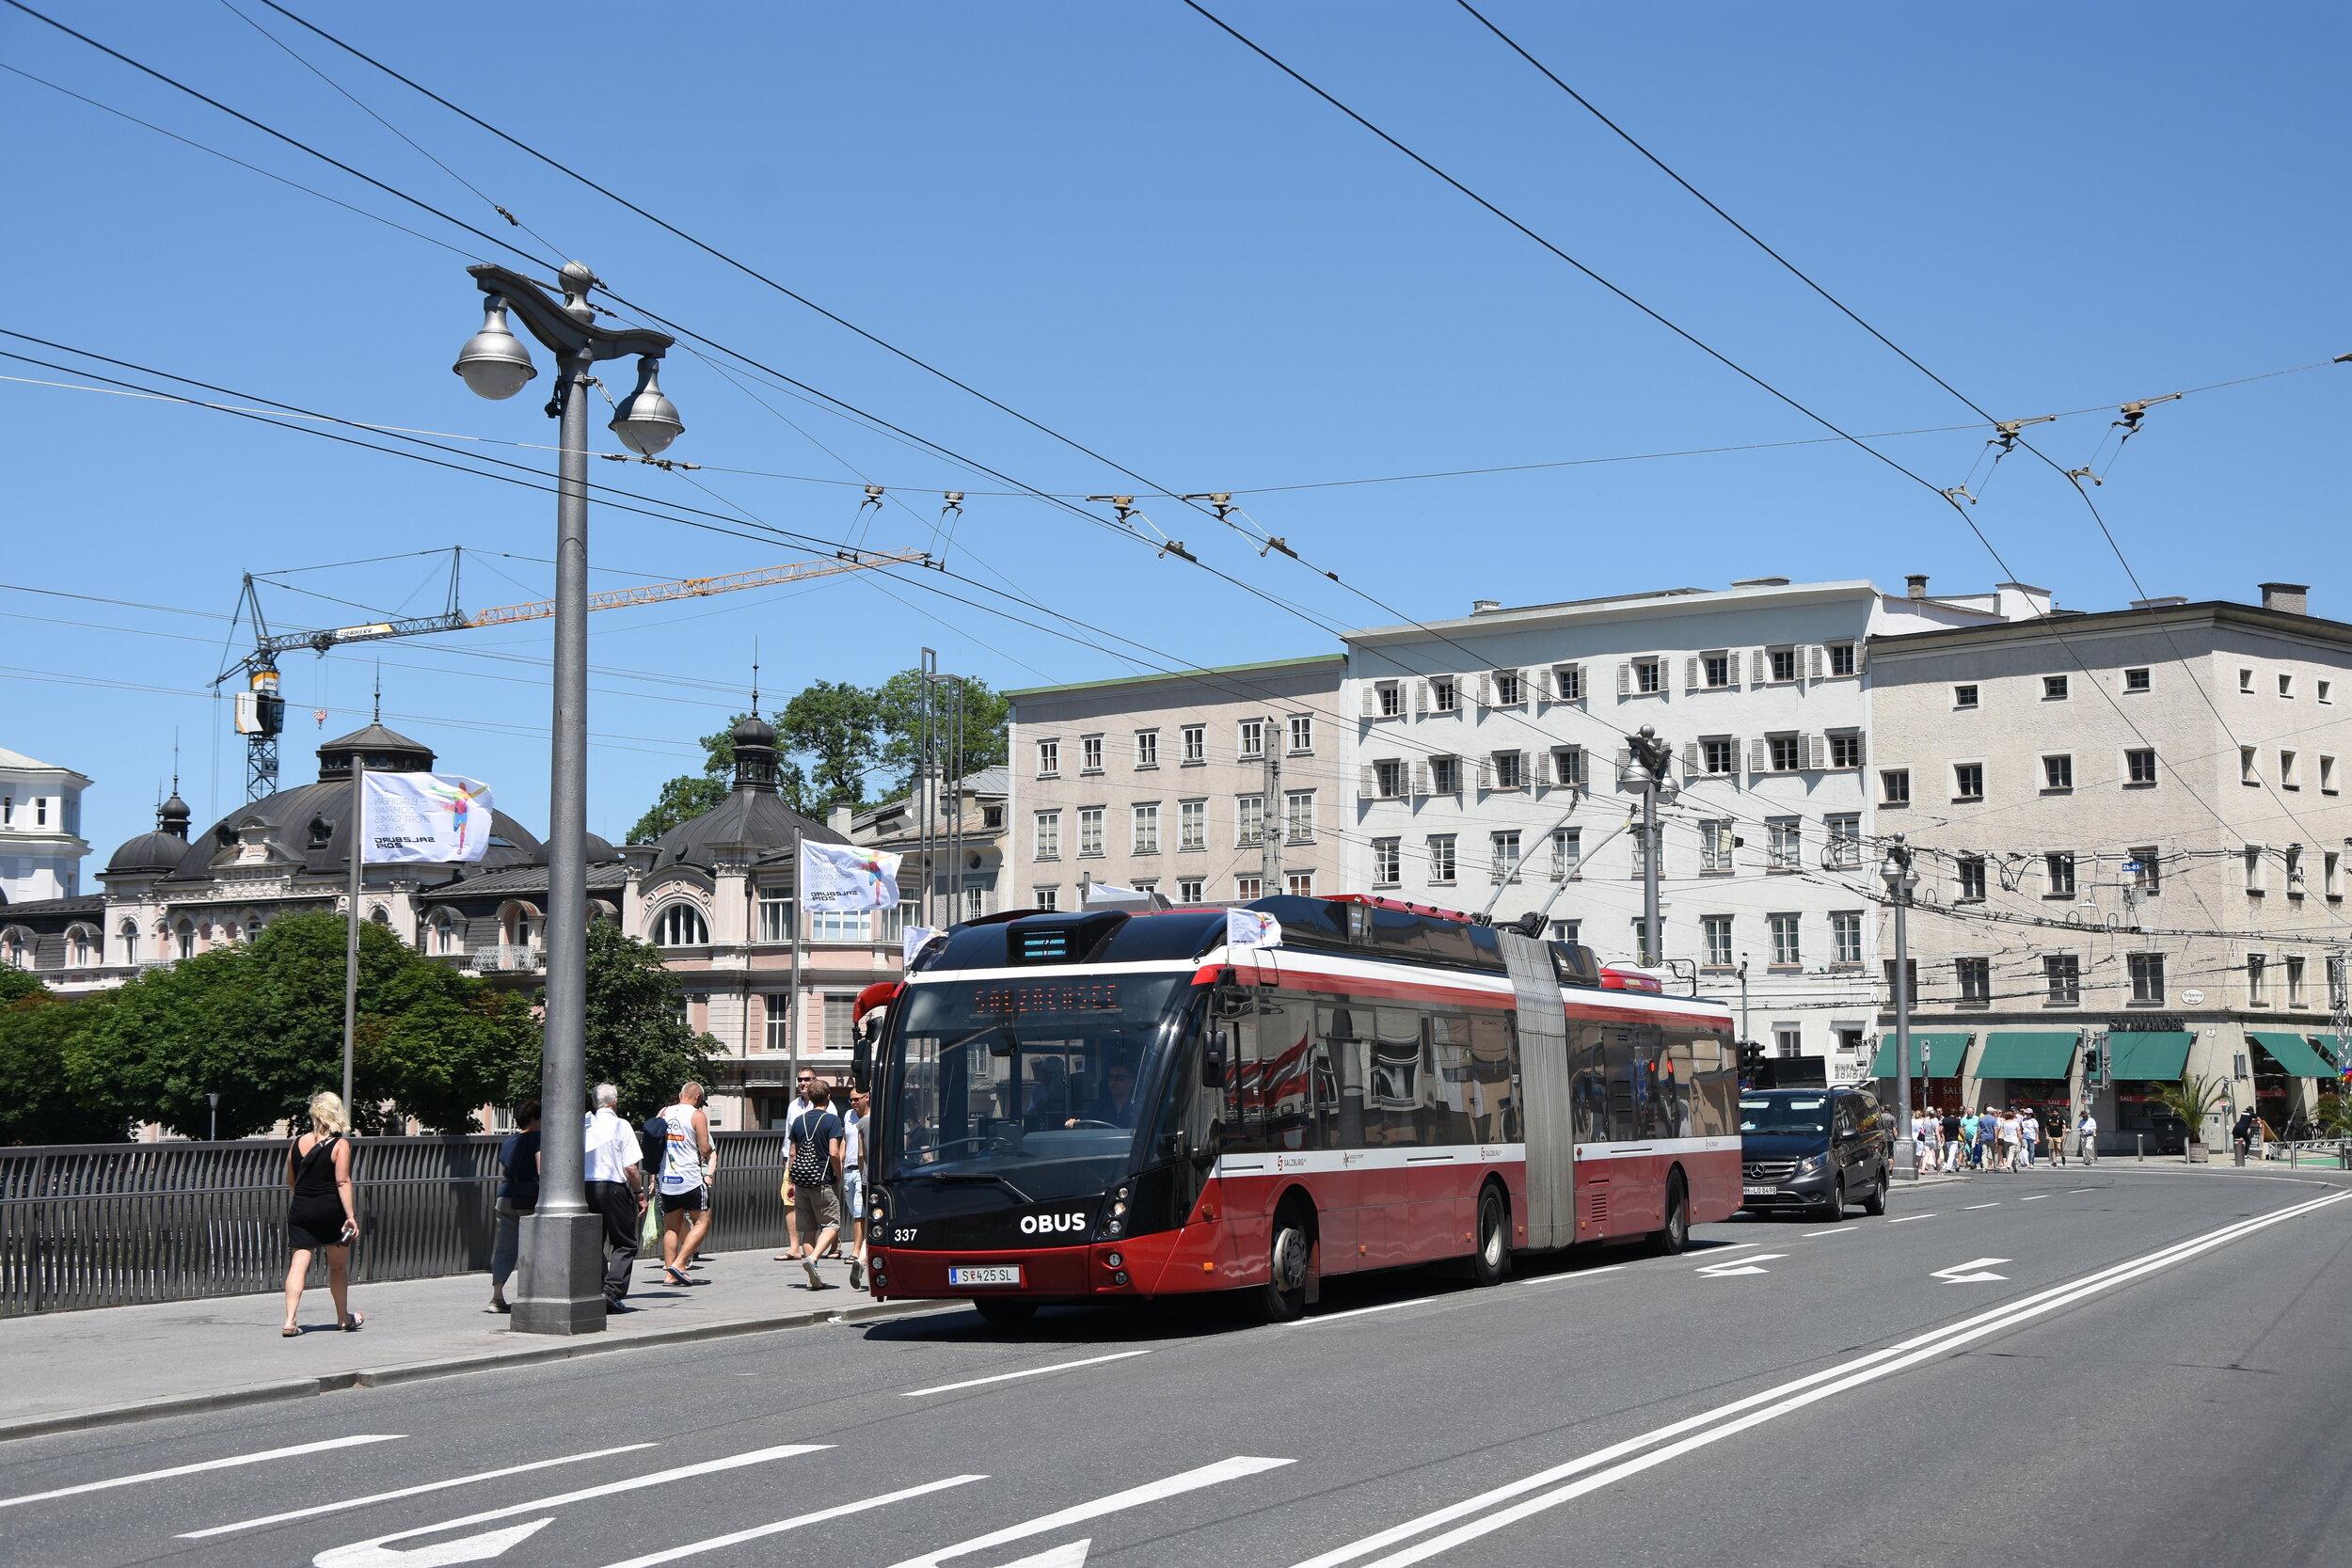 Původní vzhled MetroStylu na trolejbuse v Salzburgu. (foto: Libor Hinčica)